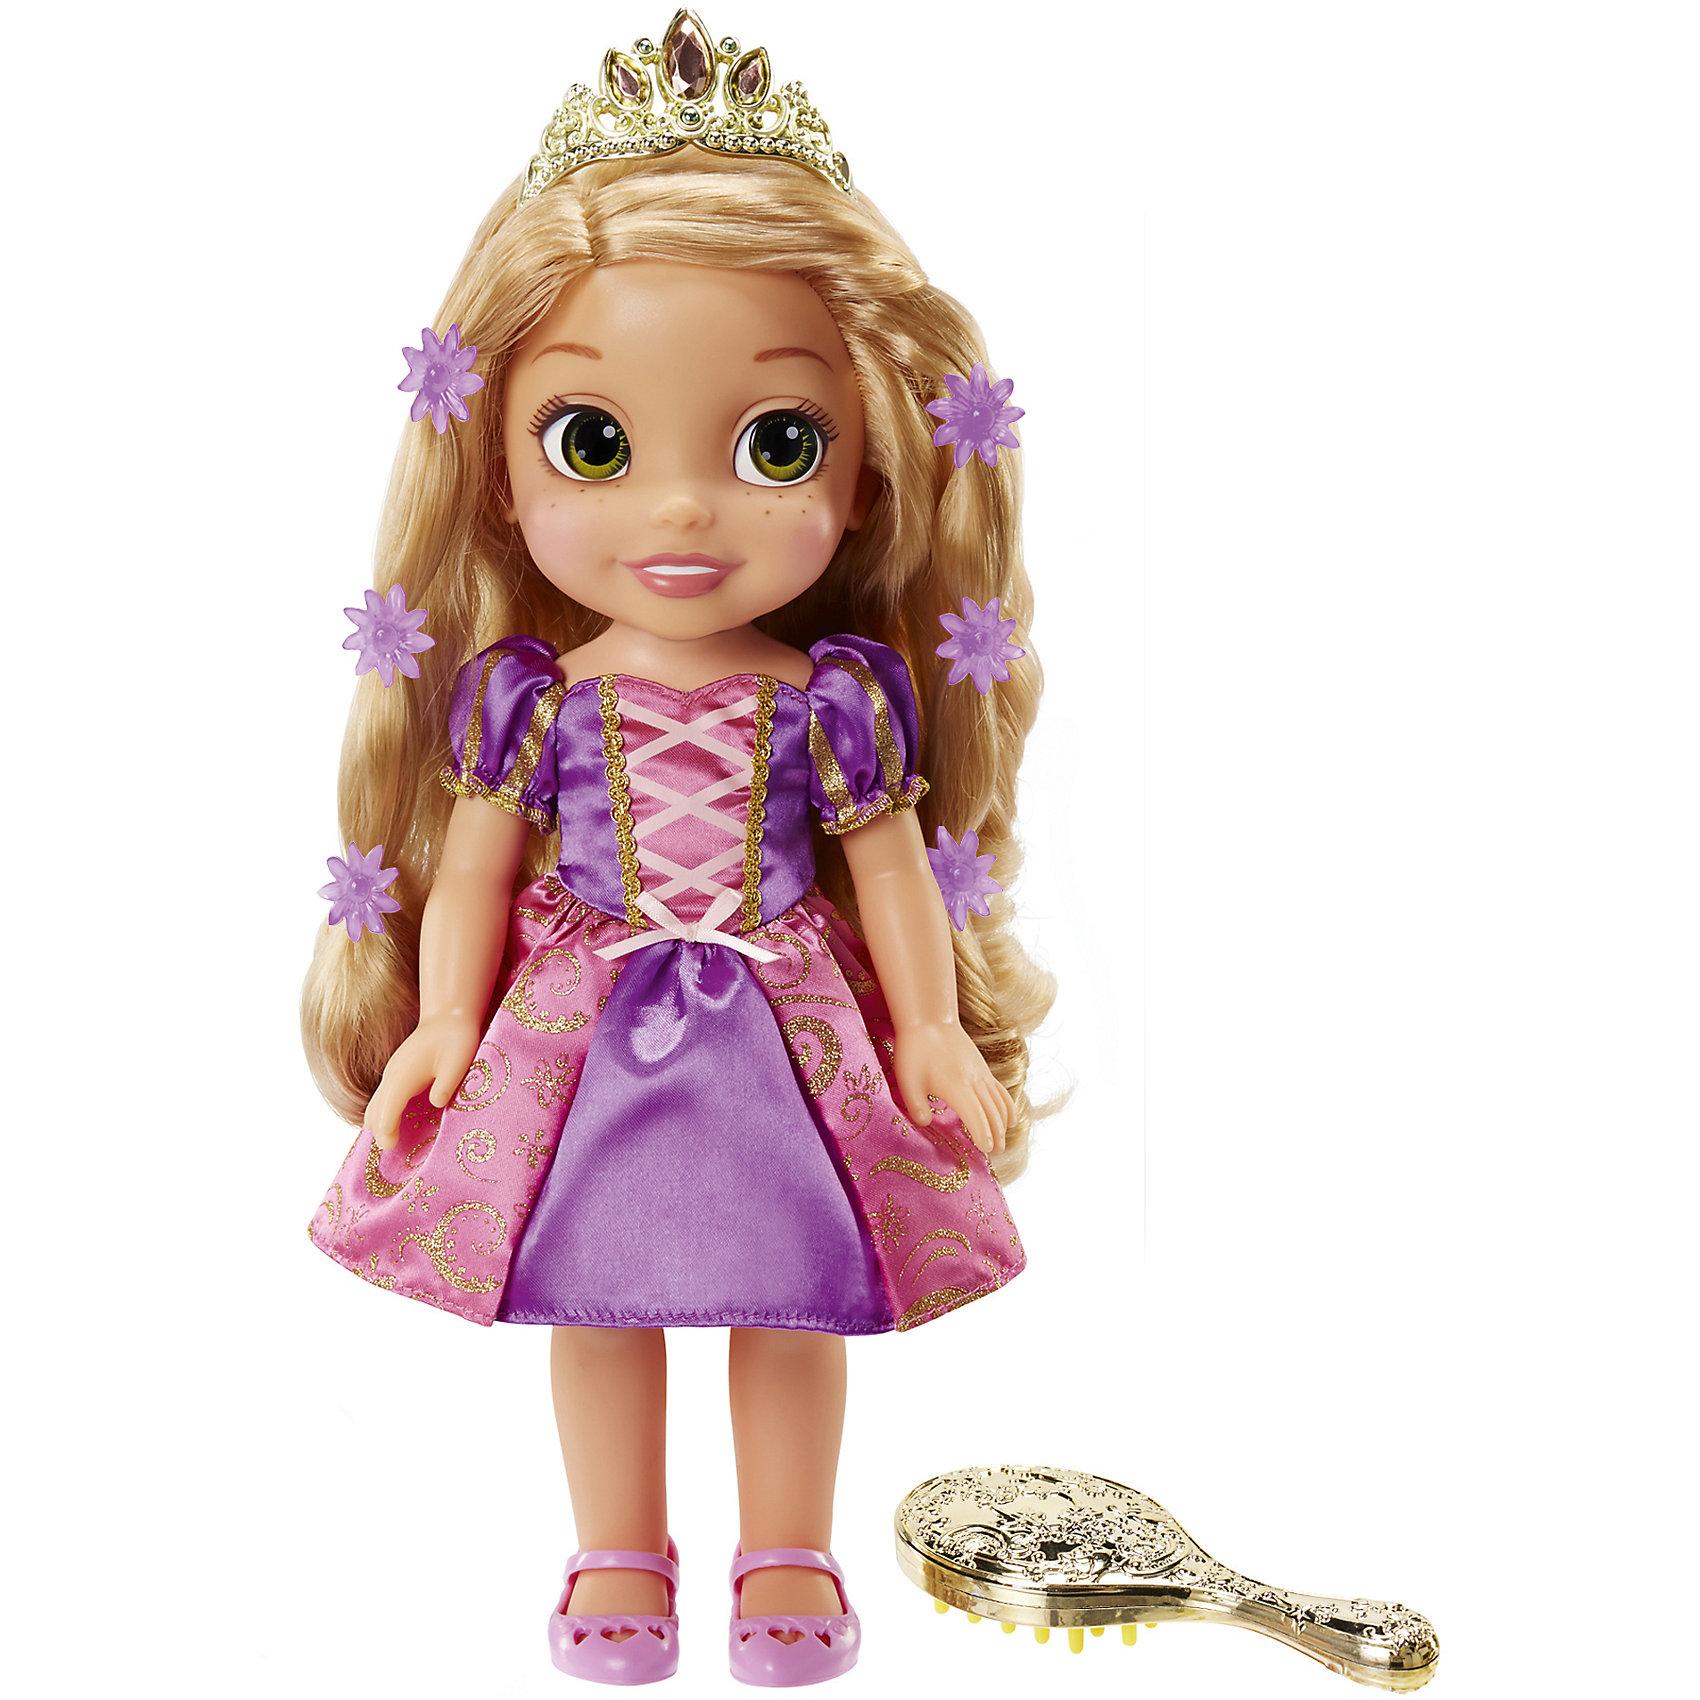 Кукла Рапунцель со светящимися волосами, Disney PrincessИгрушки<br>Кукла Рапунцель со светящимися волосами, Disney Princess – эта милая, улыбчивая, искрящаяся кукла вызовет радость у вашей девчонке.<br>Кукла Рапунцель вобрала в себя всю магию, как и в мультфильме, ведь у этой удивительной принцессы светятся волосы! Длинные и светлые волосы Рапунцель украшены двумя прядями, которые могут светиться, а также драгоценной диадемой. Для того, чтобы пряди малышки Рапунцель засияли, необходимо провести по ним расческой или нажать на кнопочку на платье. Кроме того, маленькая принцесса исполнит песню из мультфильма! Кукла одета в легкое и воздушное розово-фиалковое платье, на ножках у неё розовые туфельки. У Рапунцель большие глаза, на щечках есть веснушки, курносый носик и розовые губки. Волосы у куклы прошивные, поэтому вы можете расчесывать их и заплетать в различные прически. Кукла Рапунцель со светящимися волосами напомнит про сказочную историю и позволит воплотить в жизнь самые смелые и волшебные идеи.<br><br>Дополнительная информация:<br><br>- В наборе: кукла, расческа<br>- Высота куклы: 35 см.<br>- Материал: текстиль, пластмасса<br>- Батарейки: 3 х AAA/LR03 1.5V (входят в комплект)<br>- Размер упаковки: 31 x 12 х 38 см.<br>- Вес: 1,183 кг.<br><br>Куклу Рапунцель со светящимися волосами, Disney Princess можно купить в нашем интернет-магазине.<br><br>Ширина мм: 310<br>Глубина мм: 380<br>Высота мм: 120<br>Вес г: 1183<br>Возраст от месяцев: 36<br>Возраст до месяцев: 84<br>Пол: Женский<br>Возраст: Детский<br>SKU: 4401546